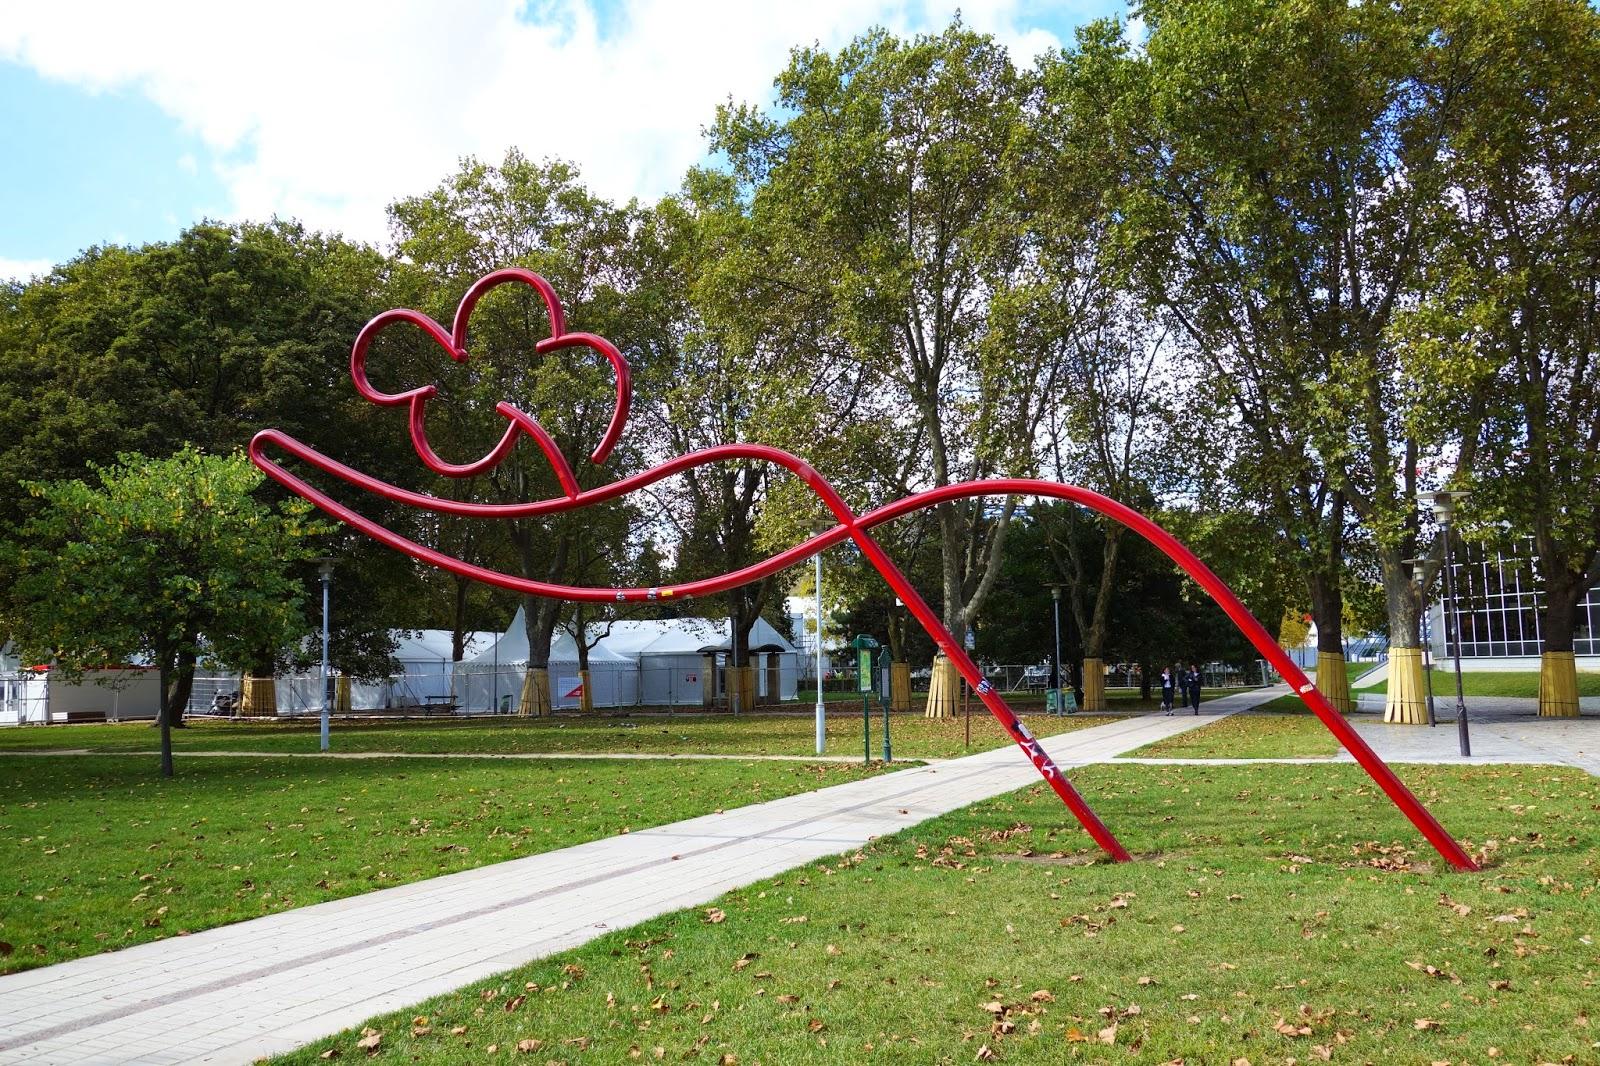 paris sculpture d 39 oscar niemeyer la main carlate offrant une fleur parc de bercy xii me. Black Bedroom Furniture Sets. Home Design Ideas